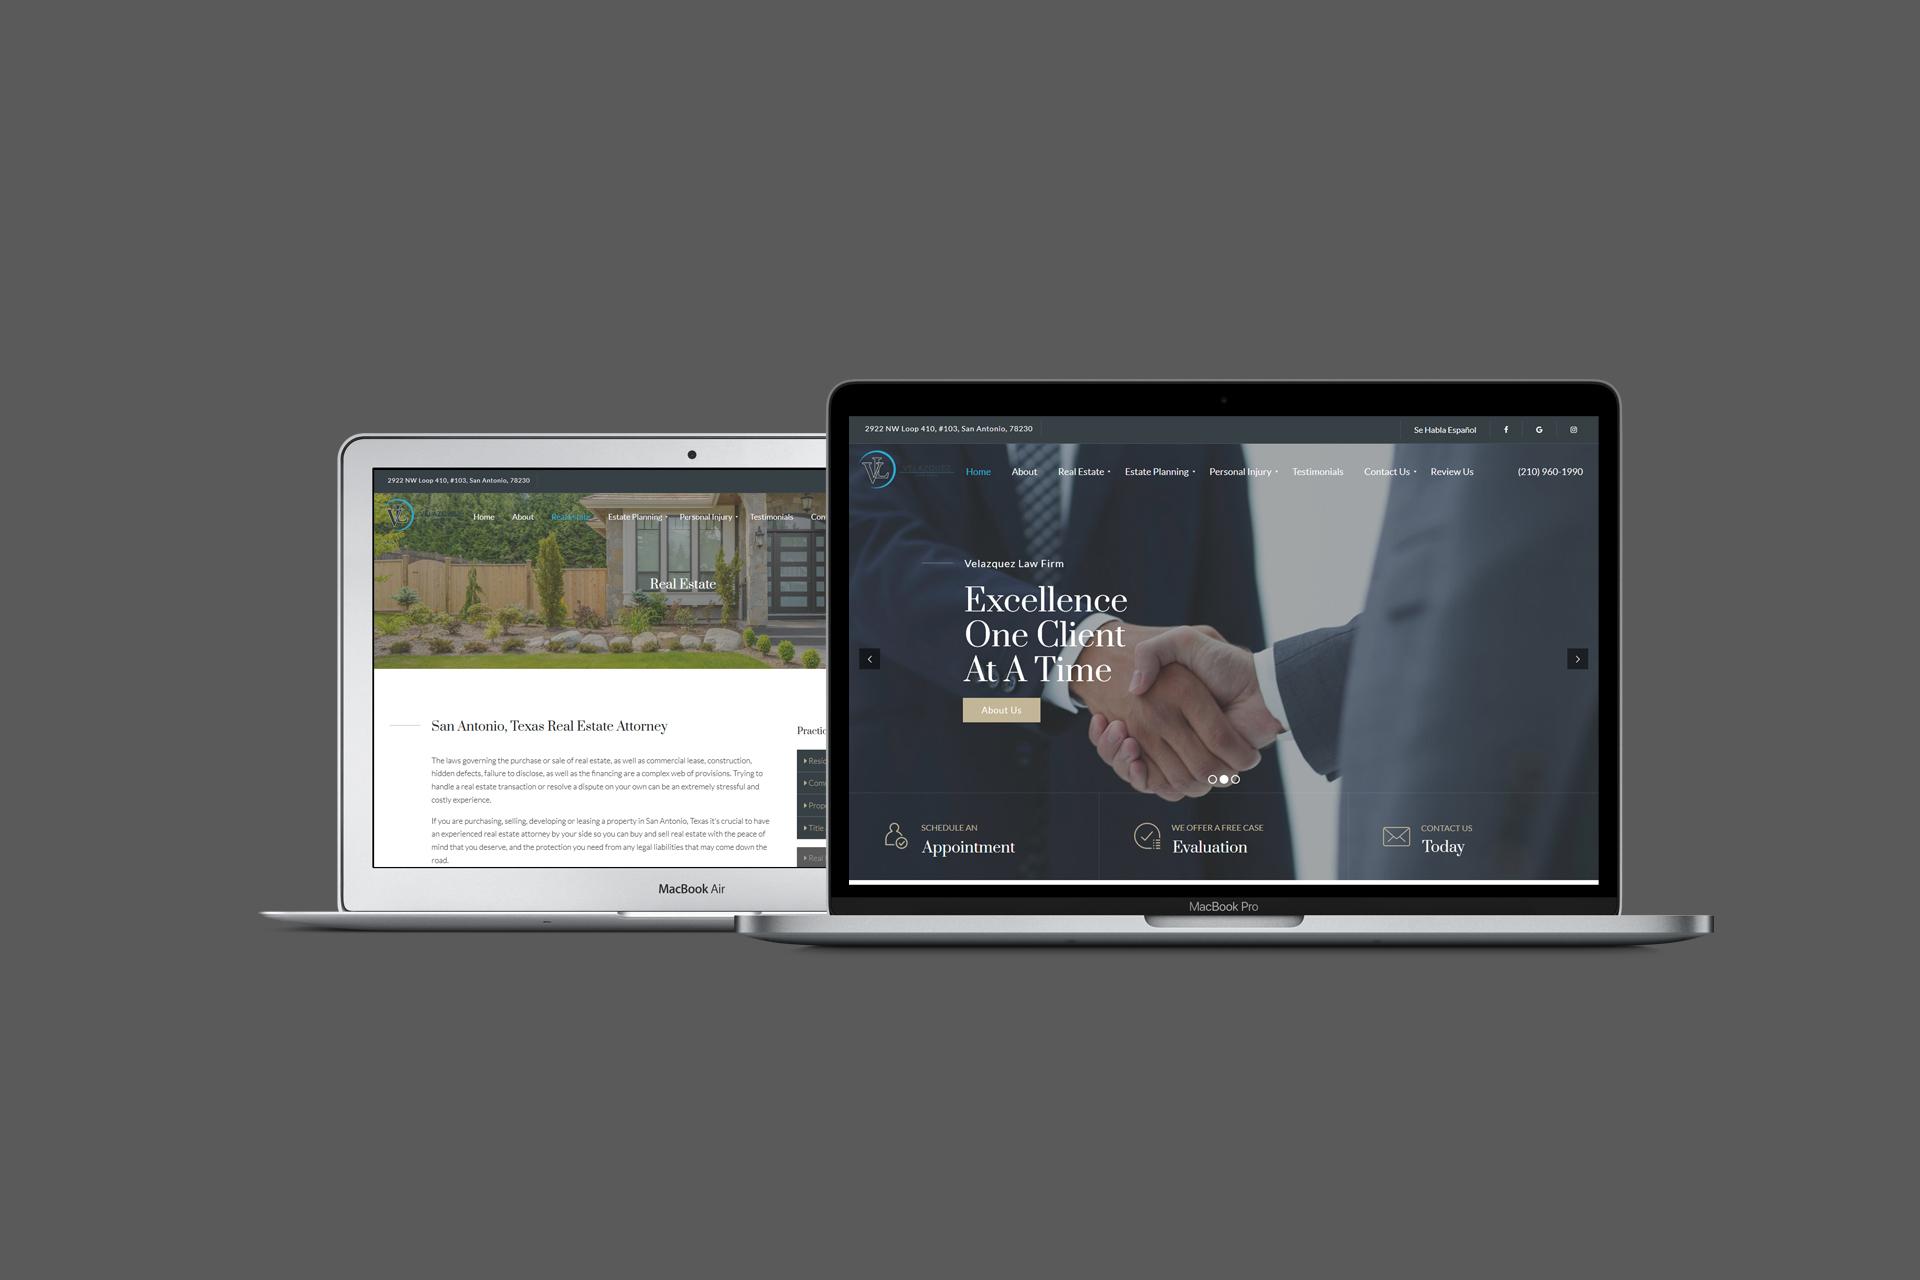 Velazquez Law Firm desktop website screenshots on MacBooks